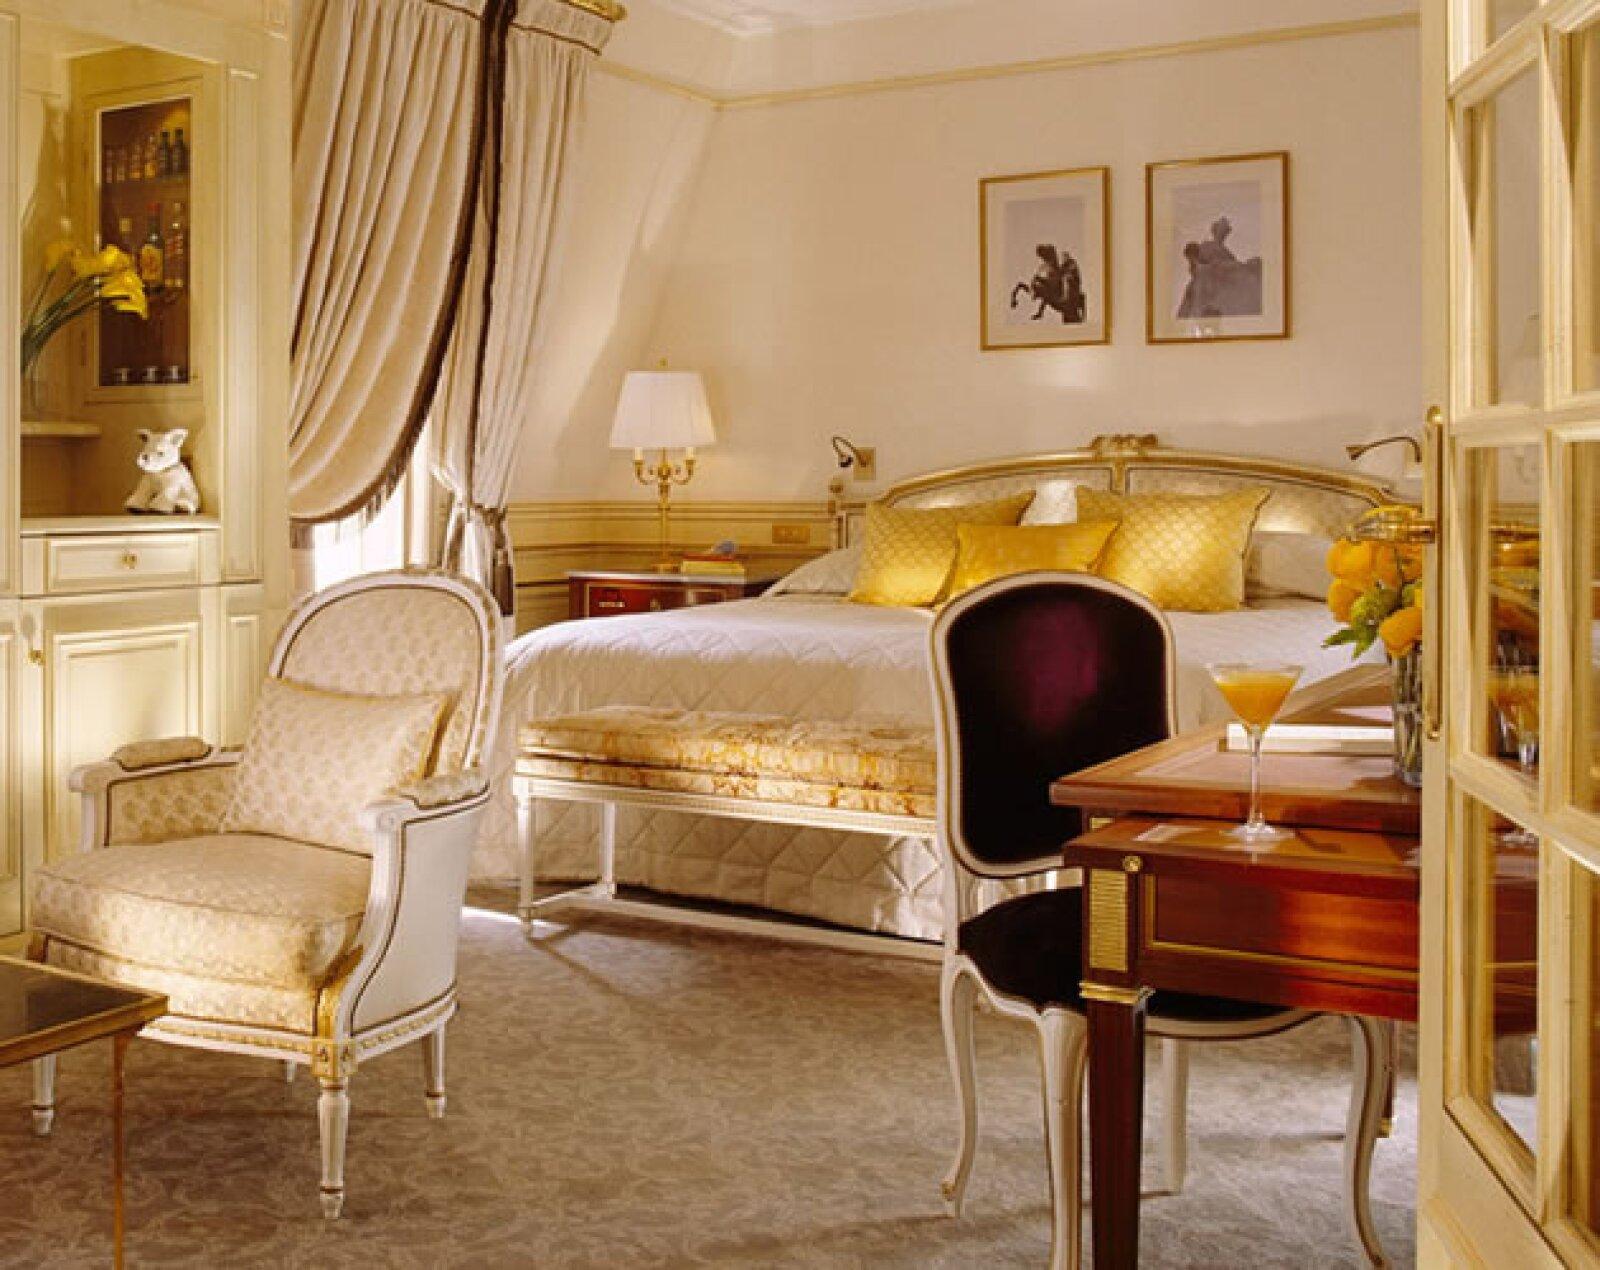 Le Meurice es considerado como uno de los hoteles más elegantes del mundo. Su bella decoración al estilo de Luis XVI, su exquisita comida supervisada por el ya reconocido Chef Michelin Alain Ducass...